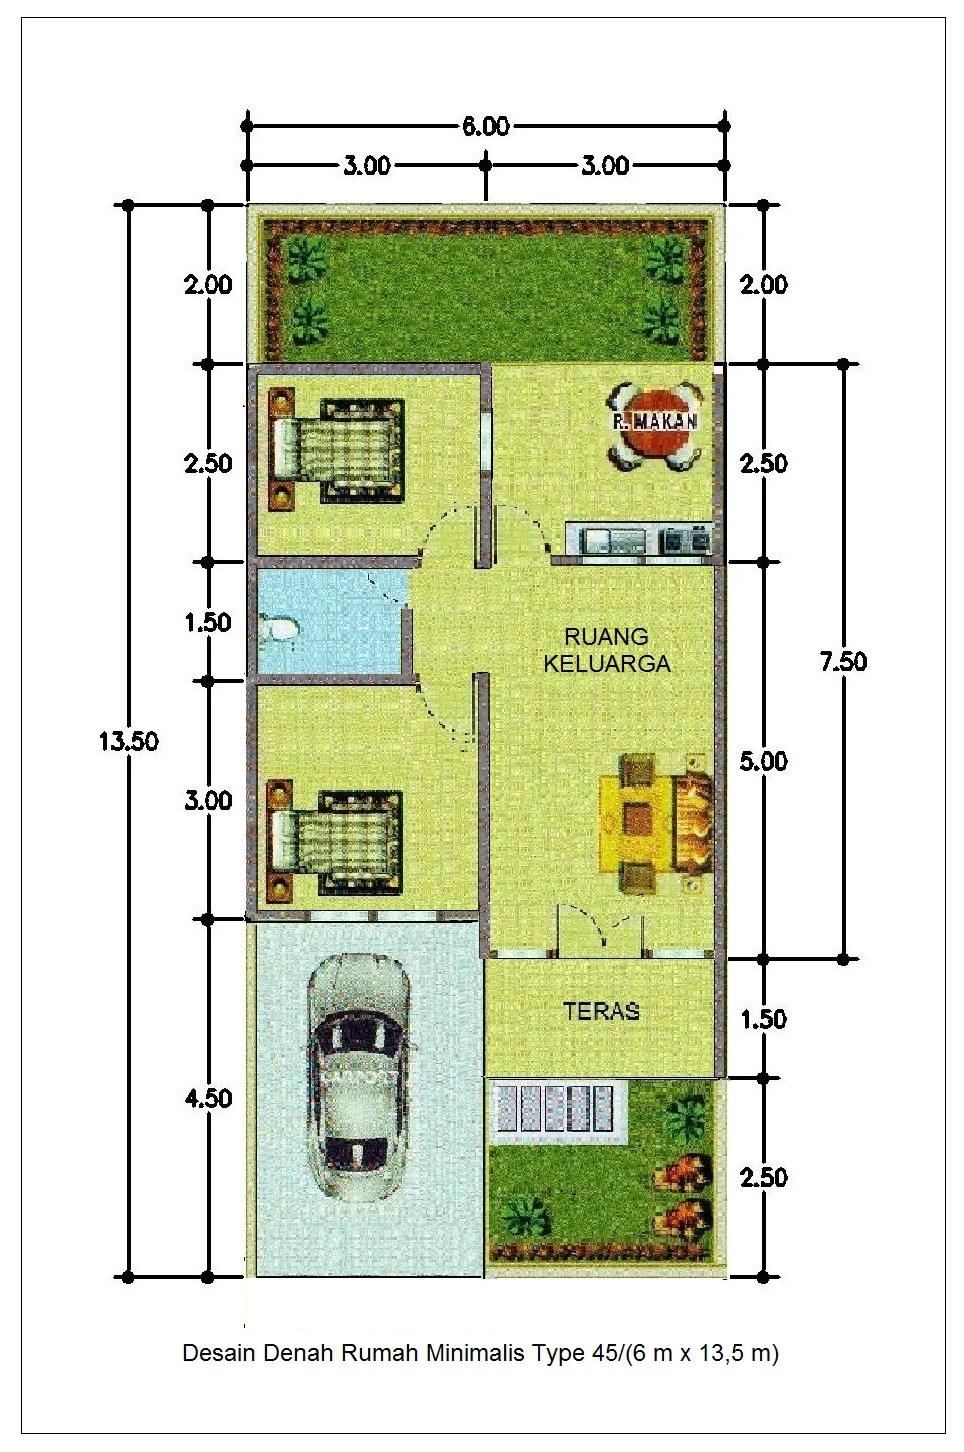 Desain Rumah Lebar 6 Meter Panjang 15 Meter : desain, rumah, lebar, meter, panjang, Contoh, Desain, Rumah, Minimalis, Lebar, Meter, Solution